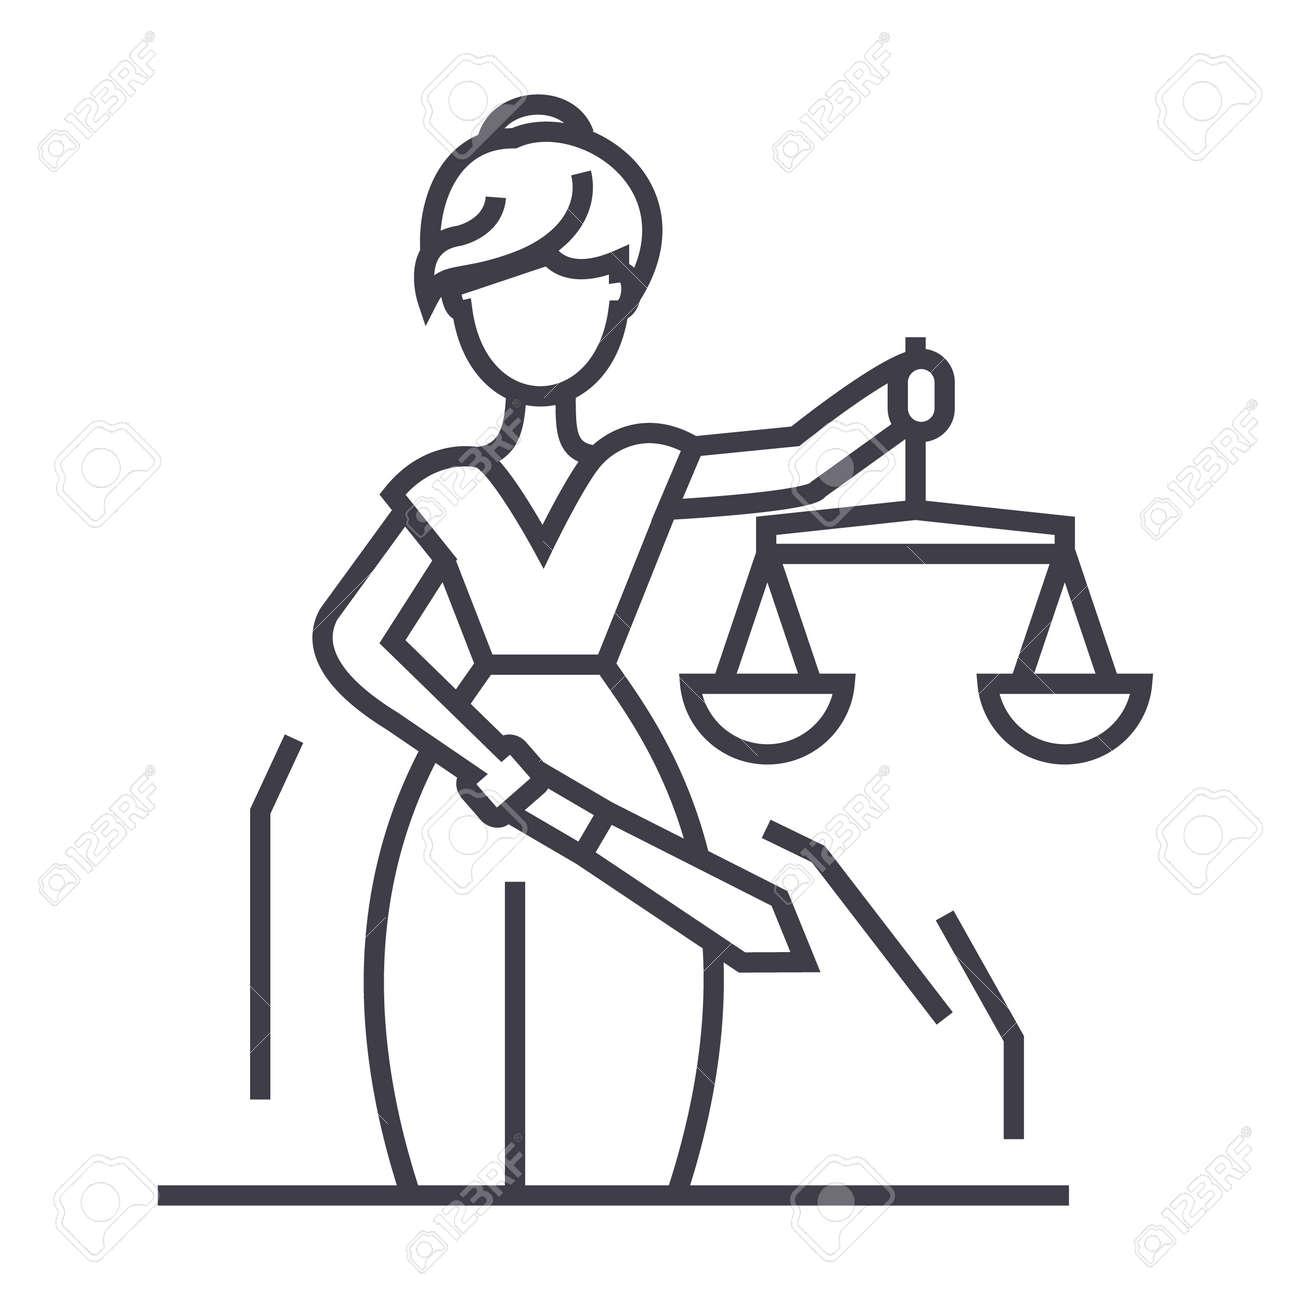 Icono De Línea De Estatua De Justicia Signo Ilustración Sobre